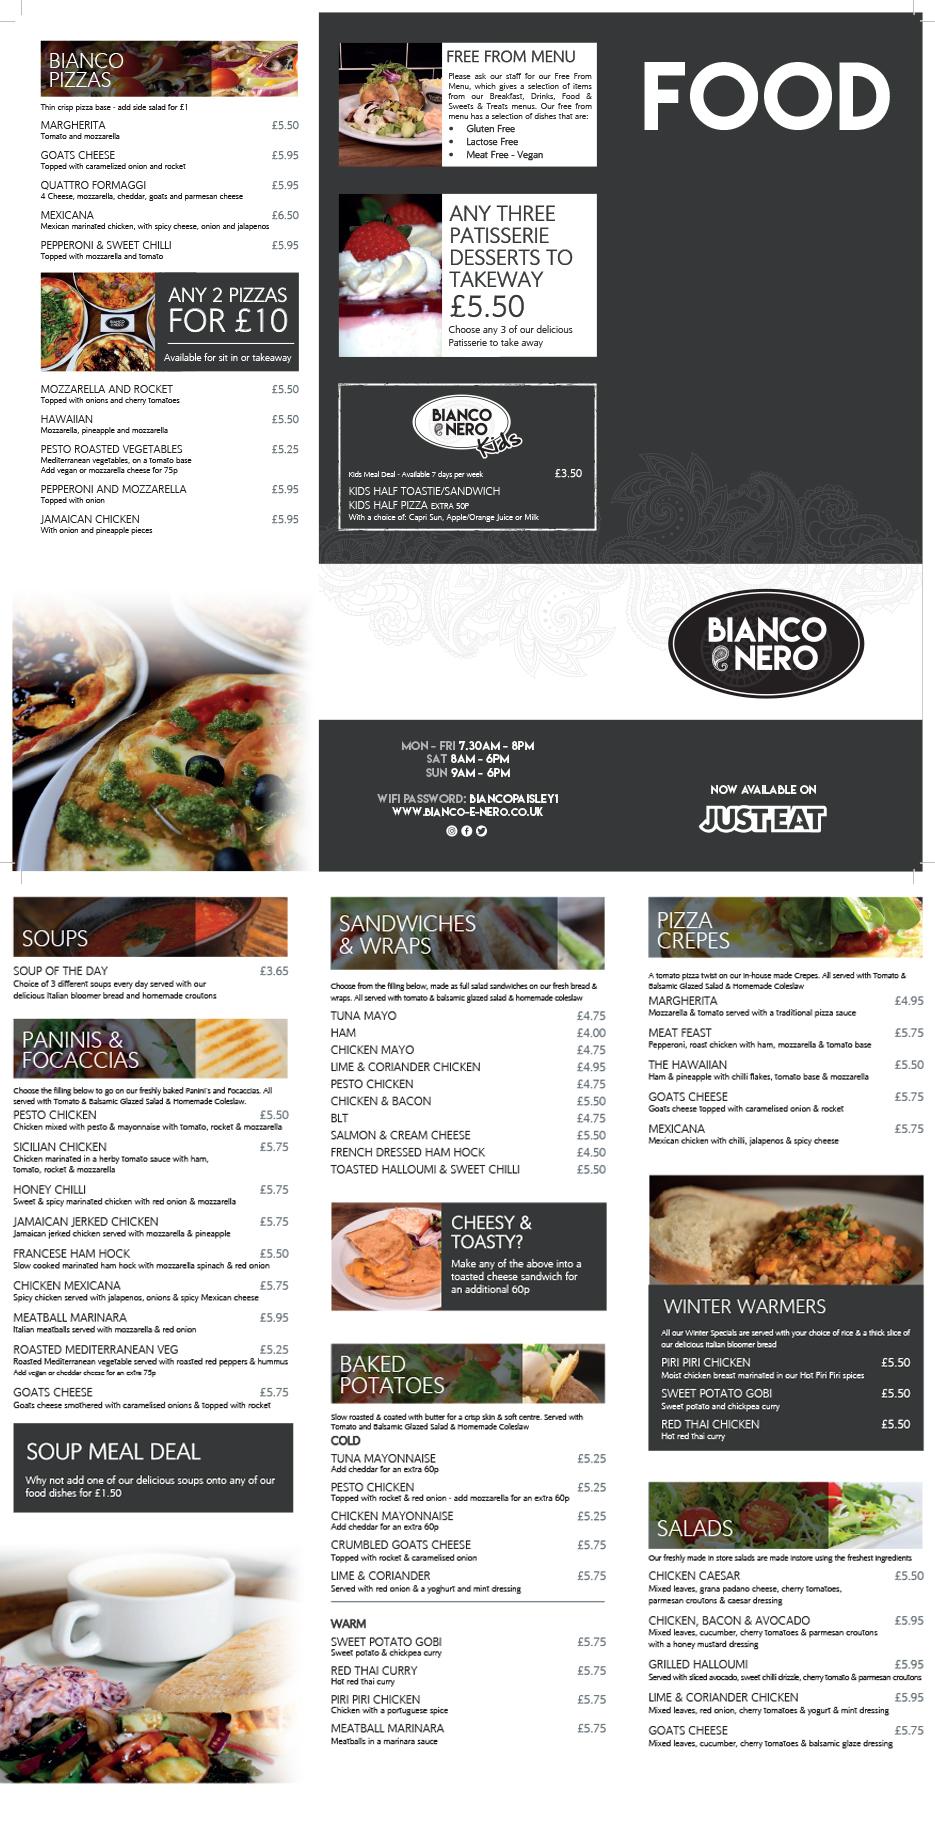 Bianco E Nero Food Menu-1